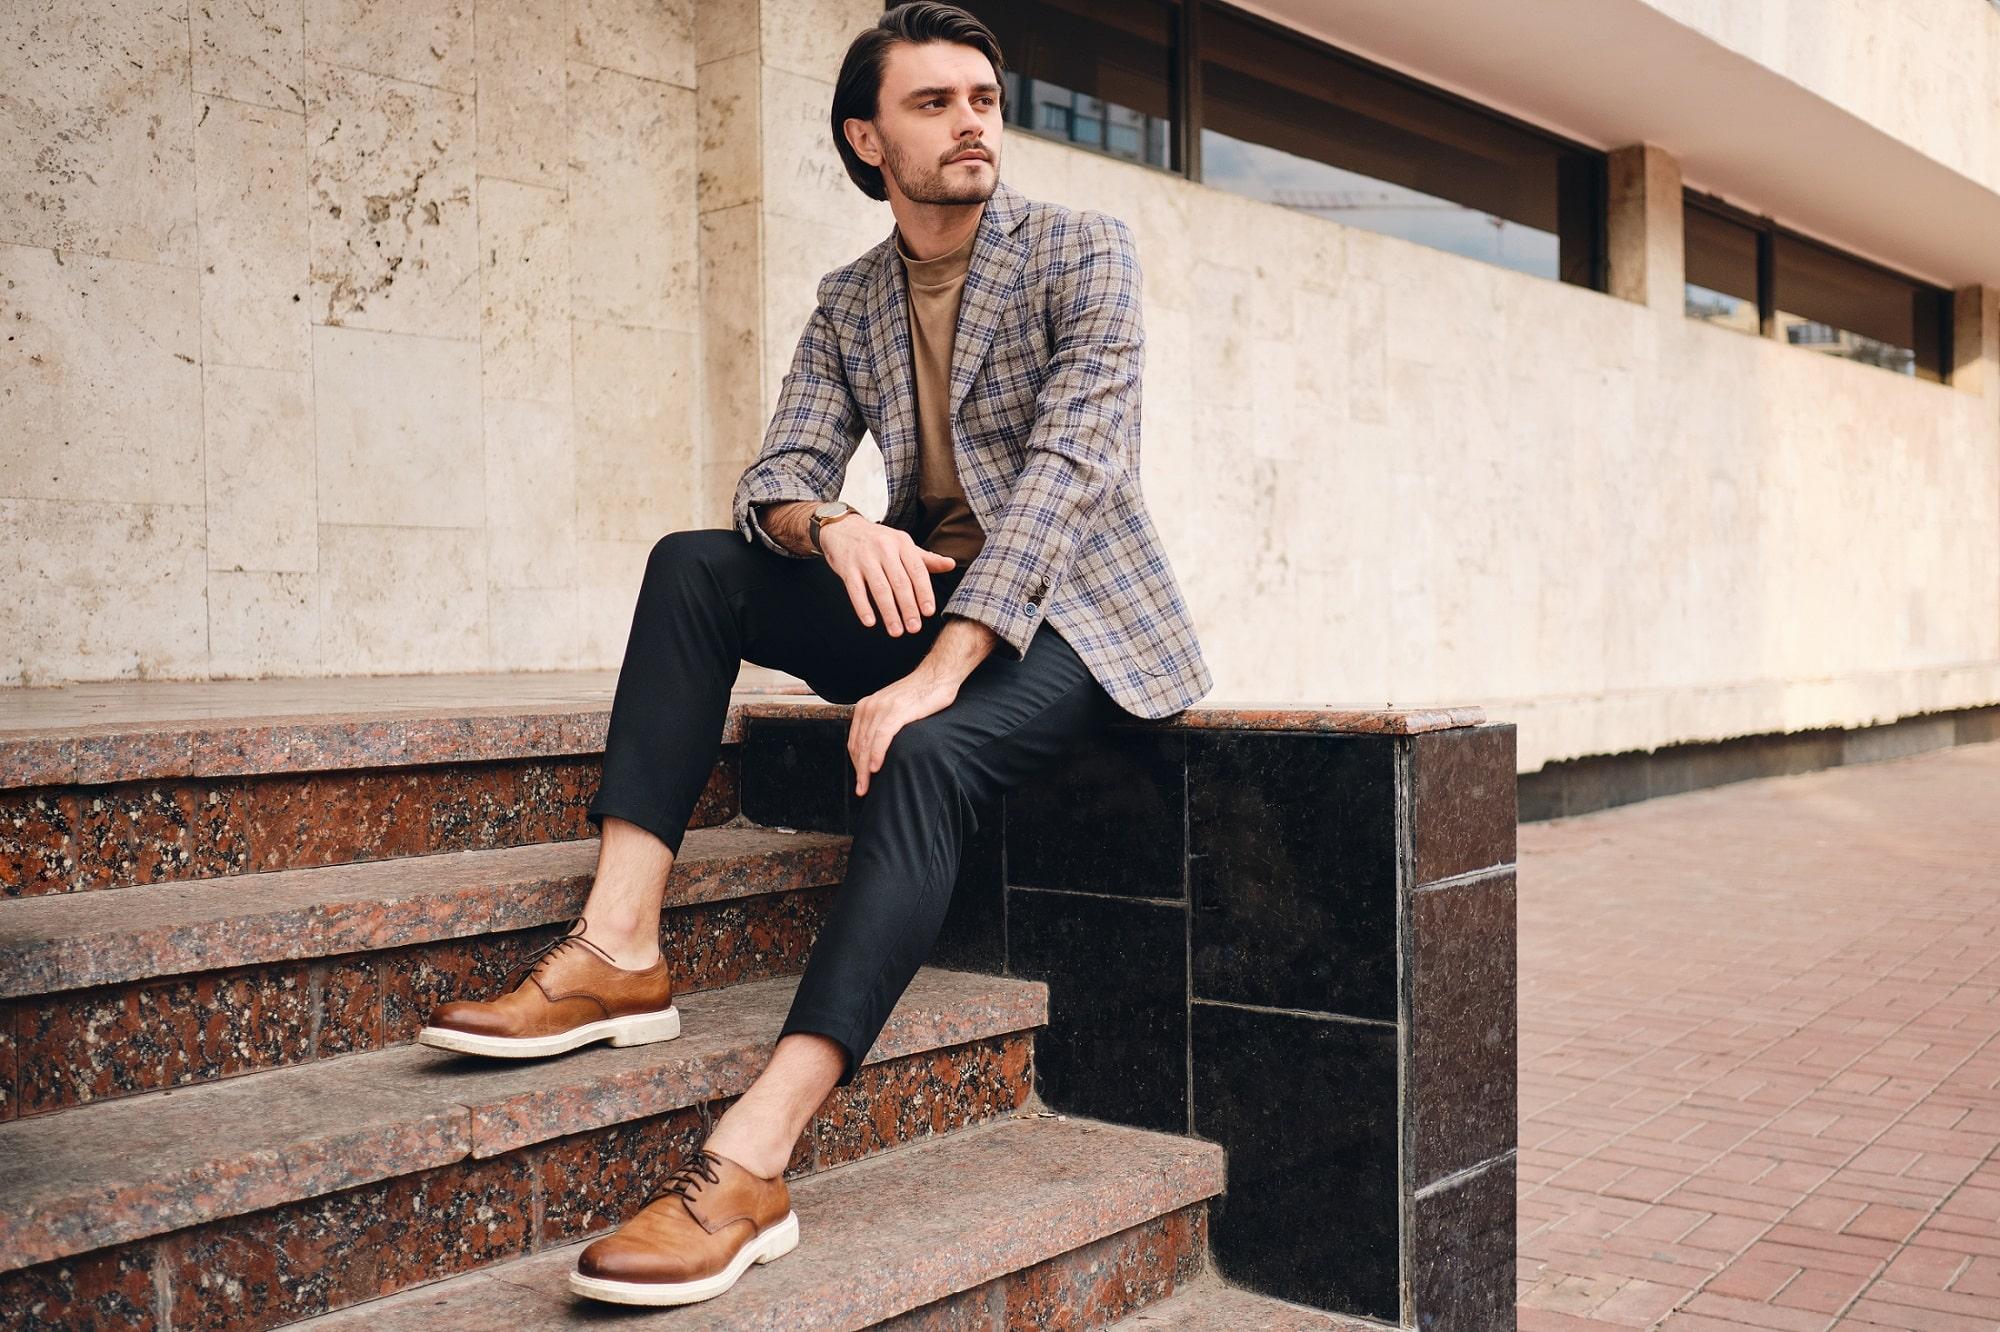 Koszulki męskie w oryginalnych stylizacjach – jak je nosić, by wyglądać modnie i stylowo?